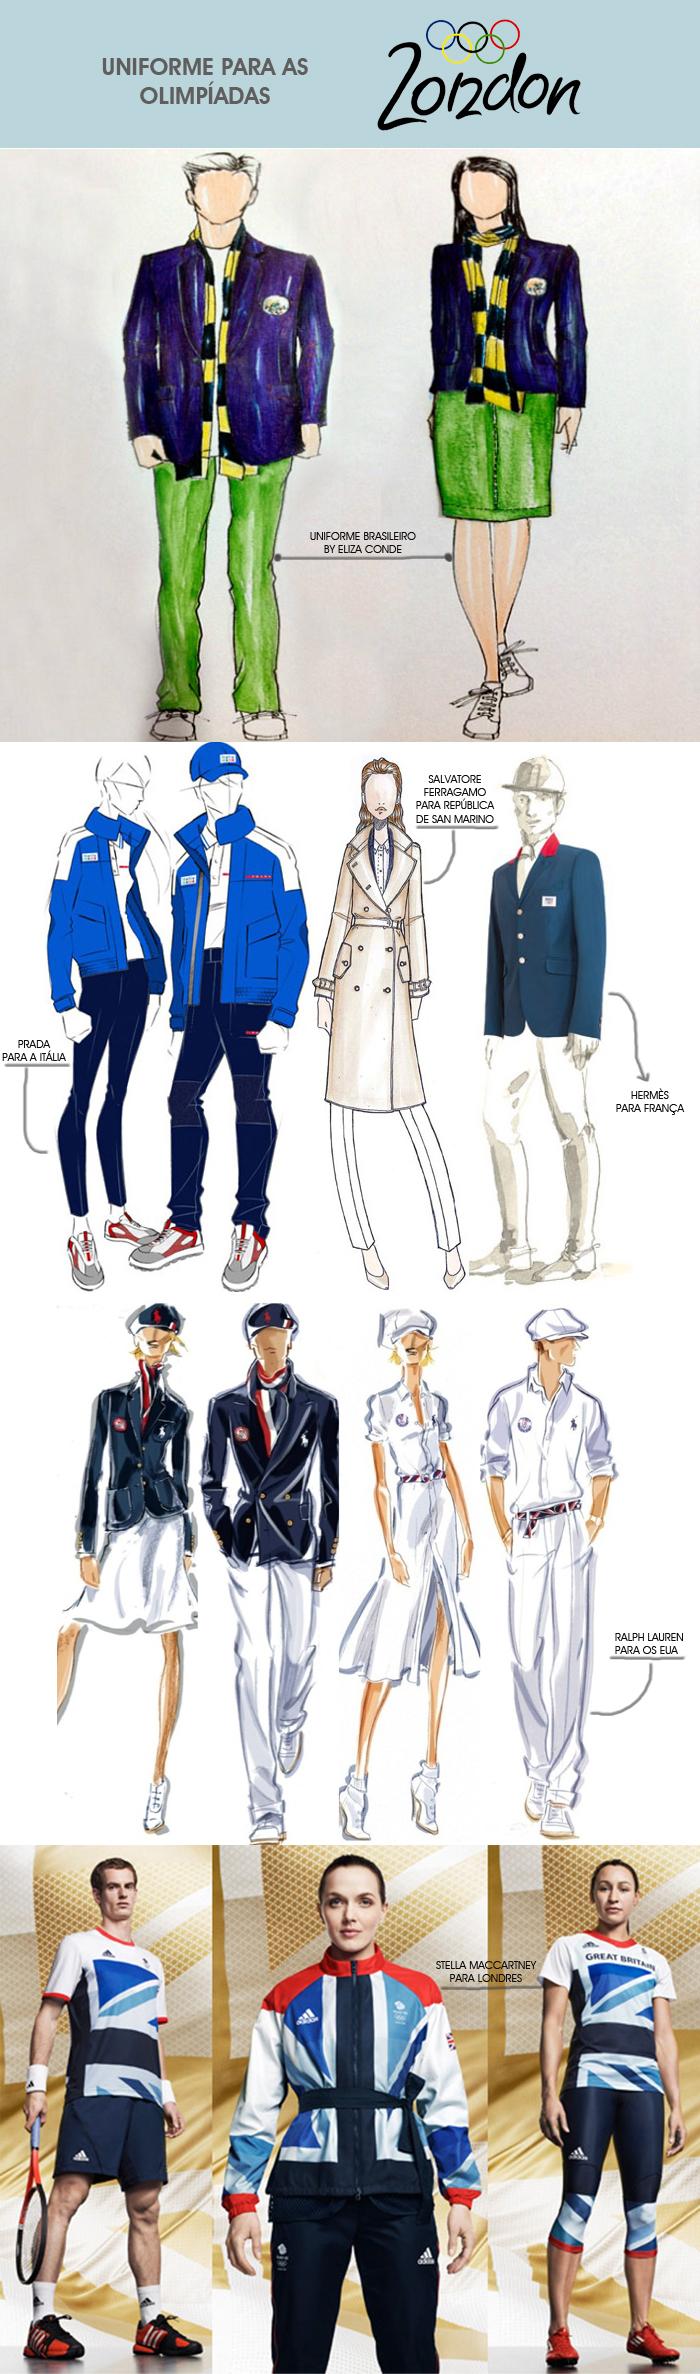 uniformes das olimpíadas 2012 de Londres assinado por estilitas famosos